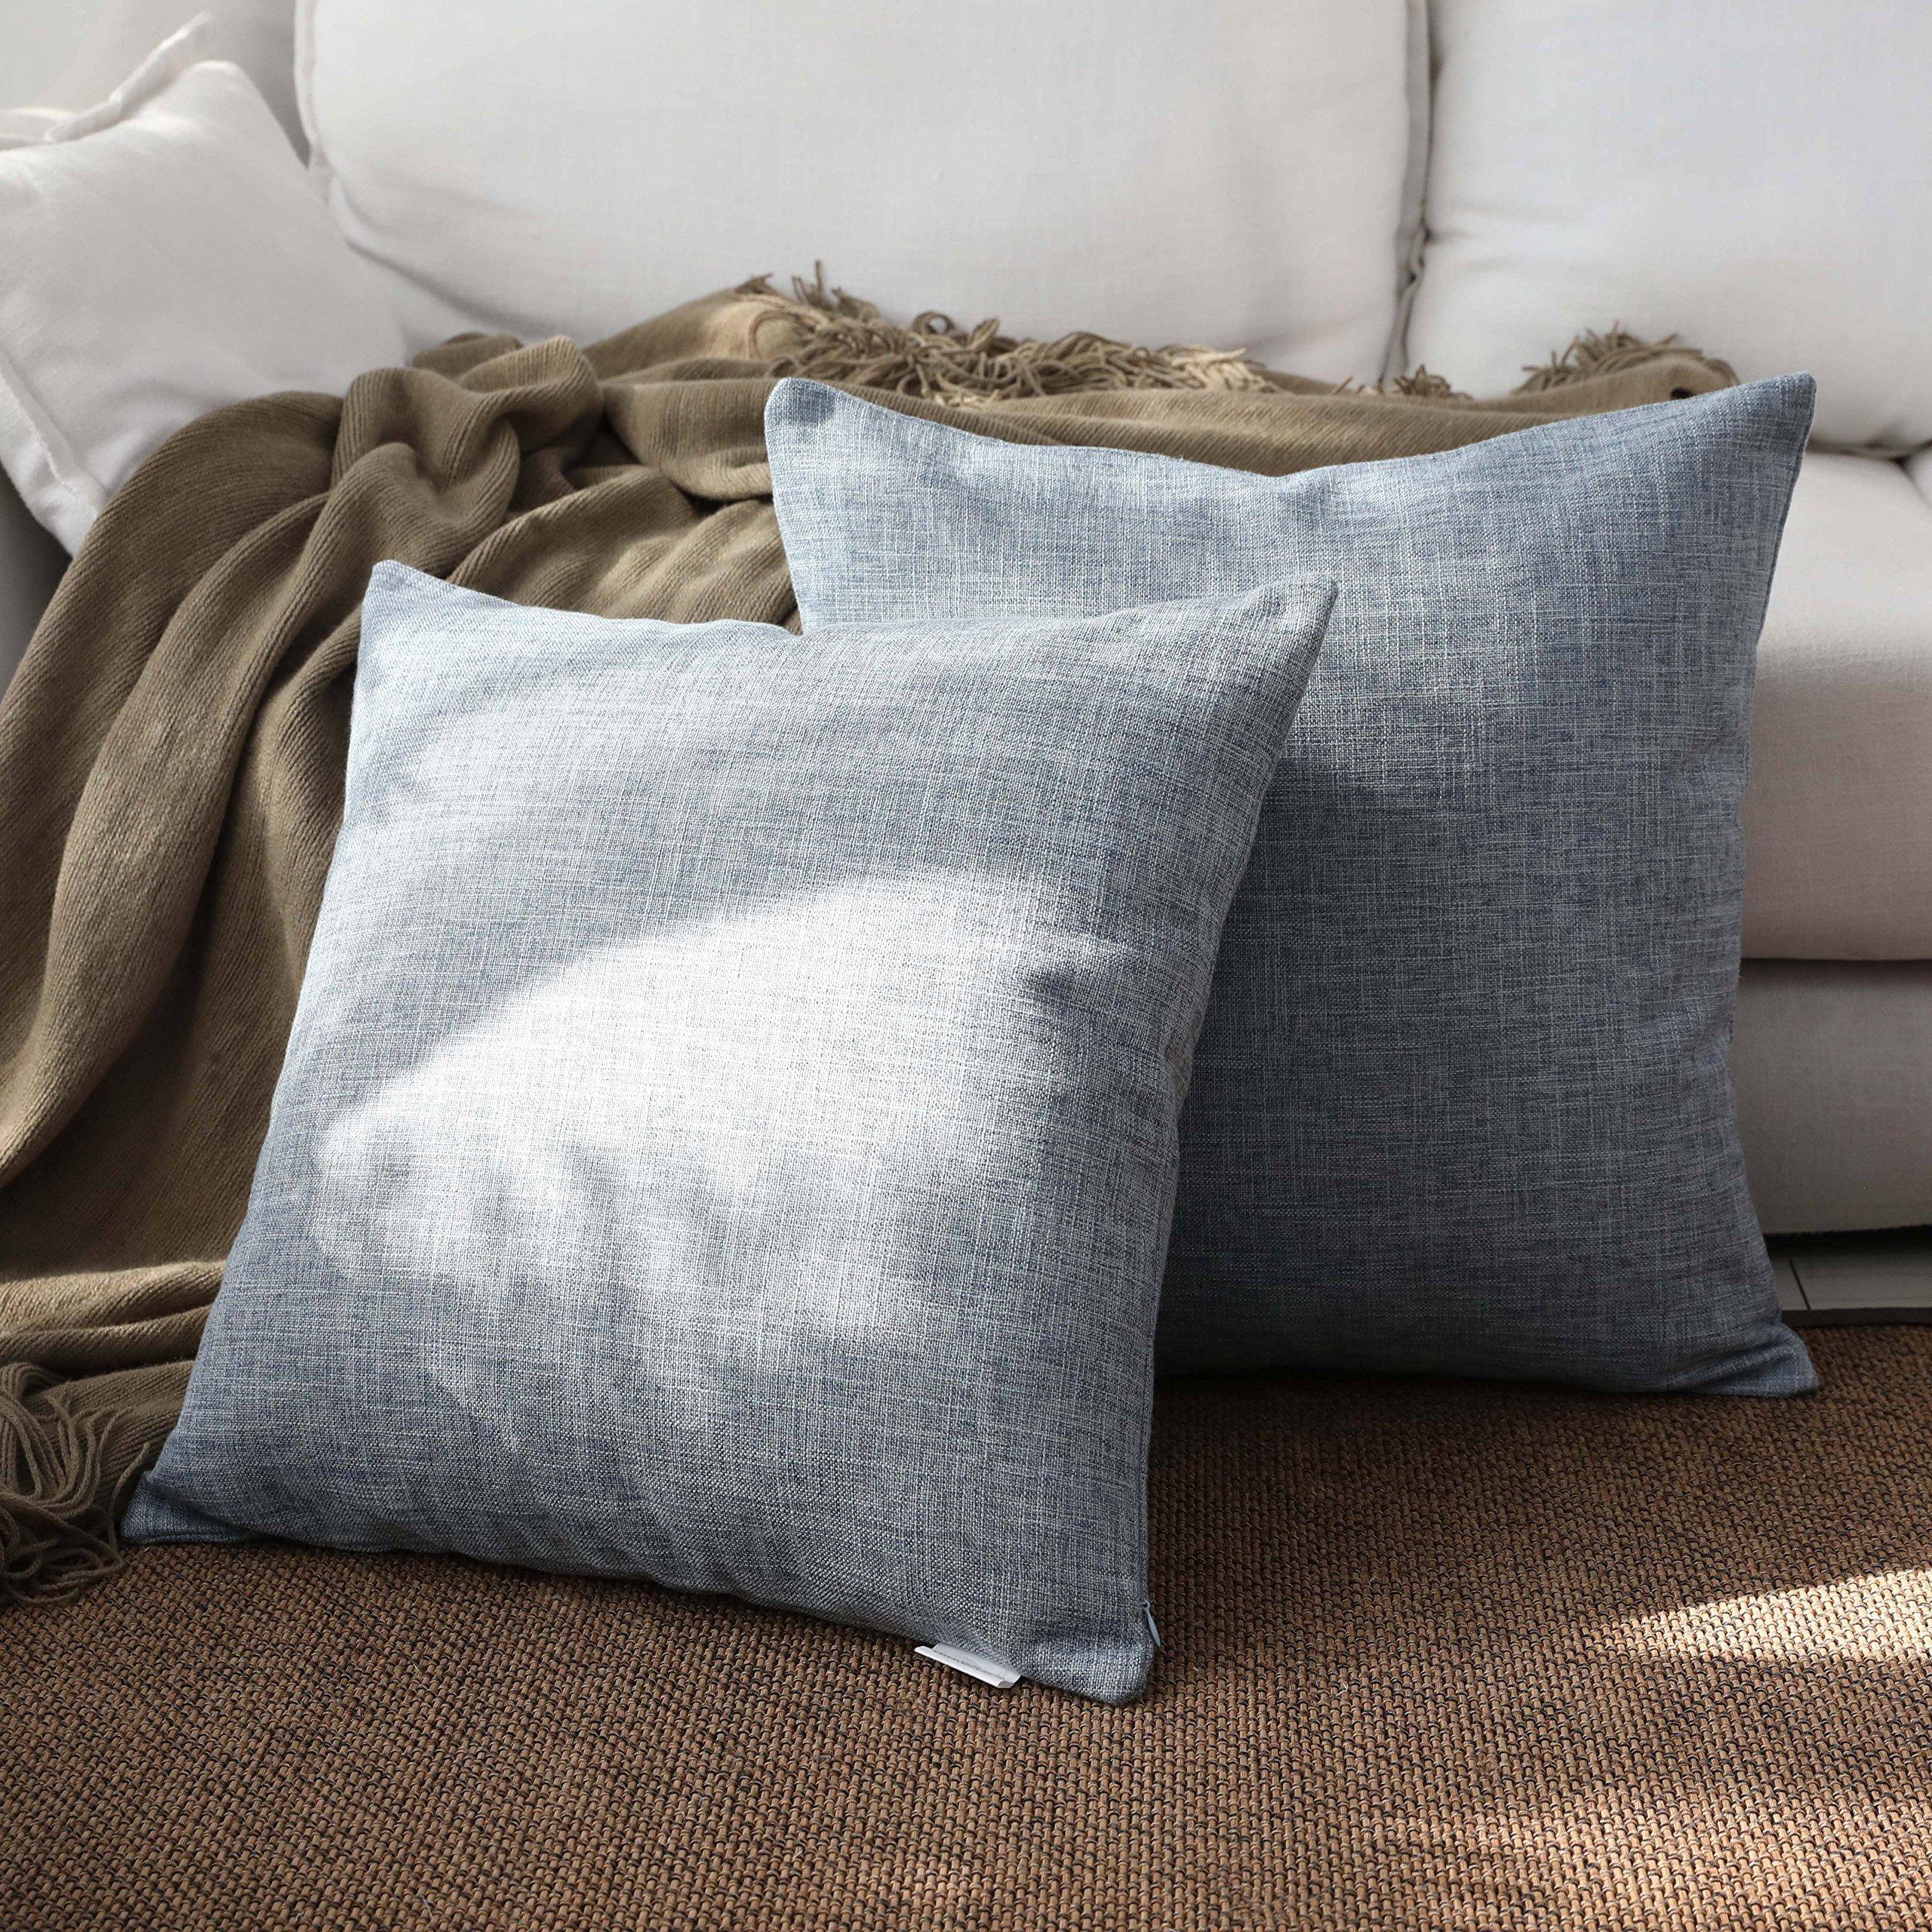 Kevin Textile Decoration Linen Pillow Cover Throw Cushion Cover Pillow Cover Euro Pillow Cases for Bed/Kids/Chair, 18''x18''(2 Pieces, Denim Blue)